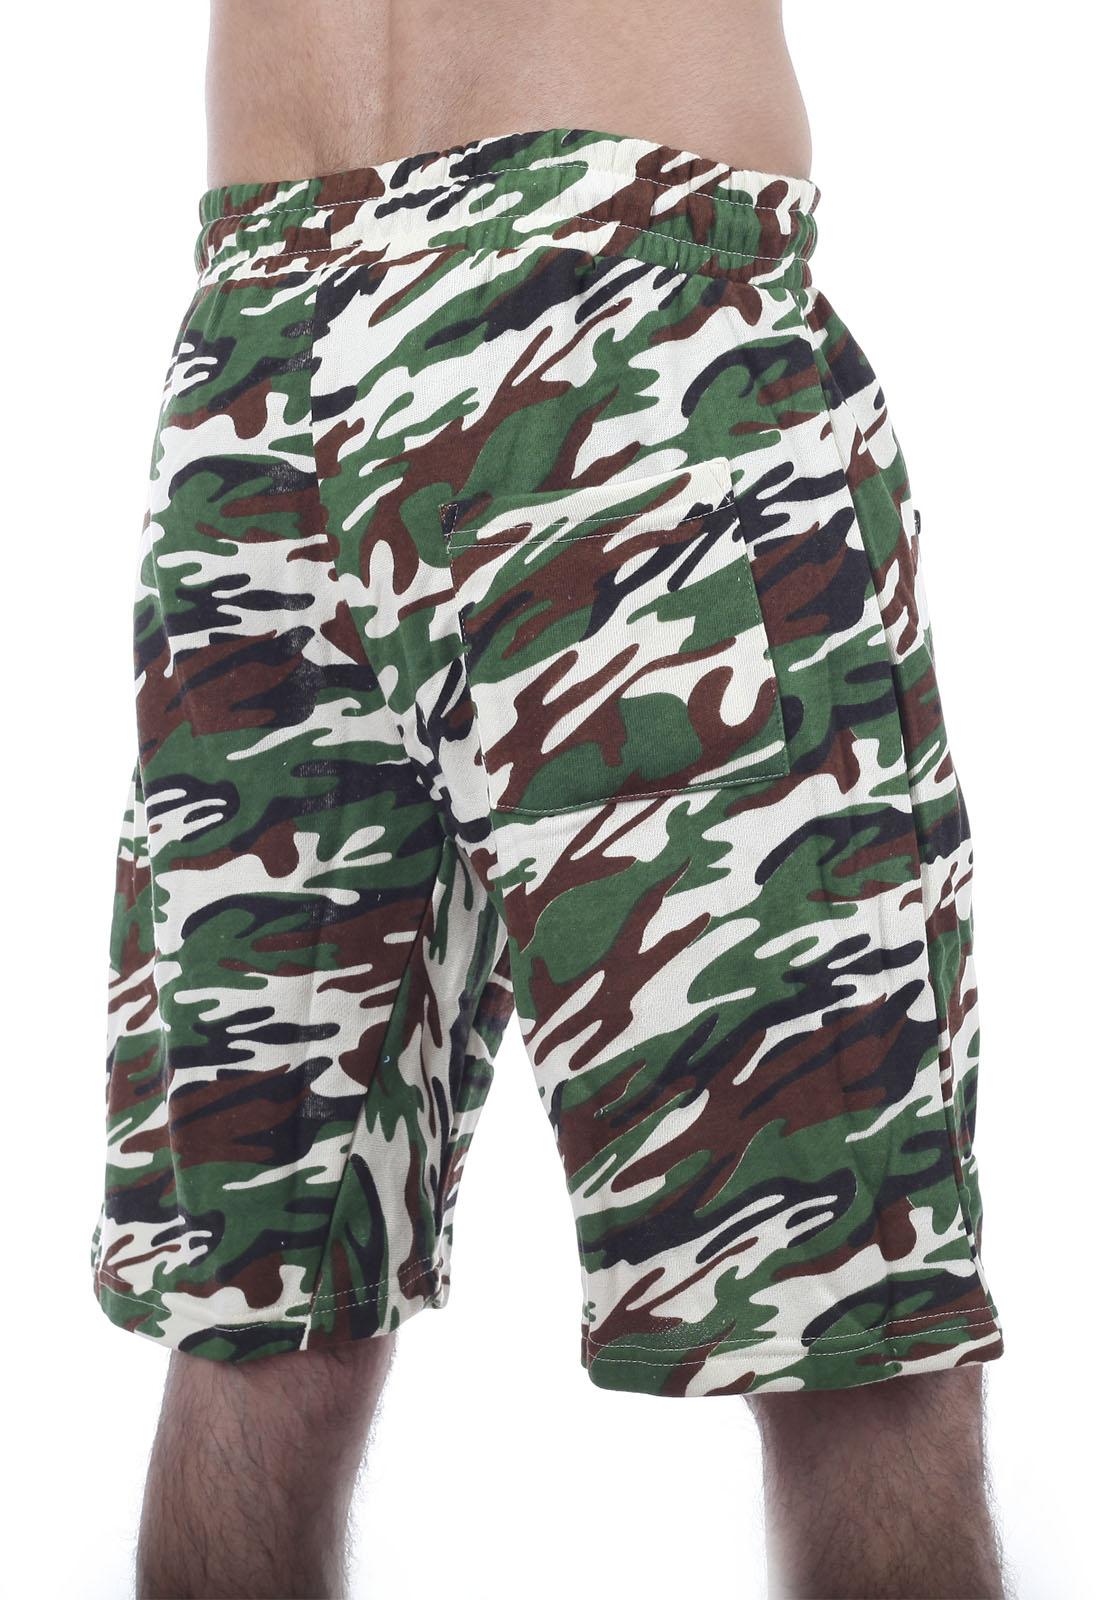 Недорогие форменные шорты бойцов спецслужбы ГРУ